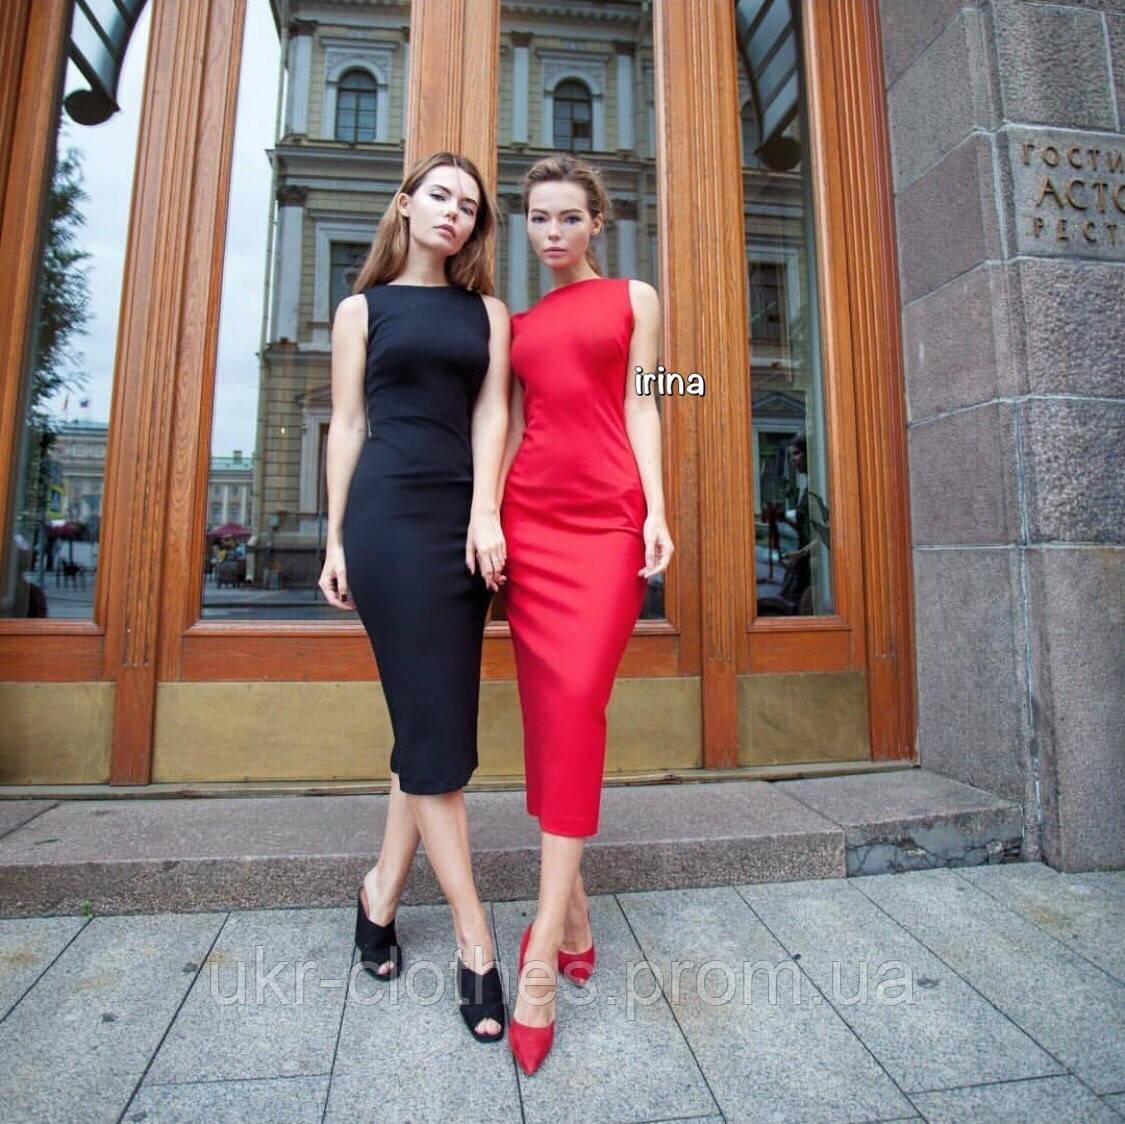 ed620d23348 Летнее женское облегающее платье голубое красное черное бордо ...